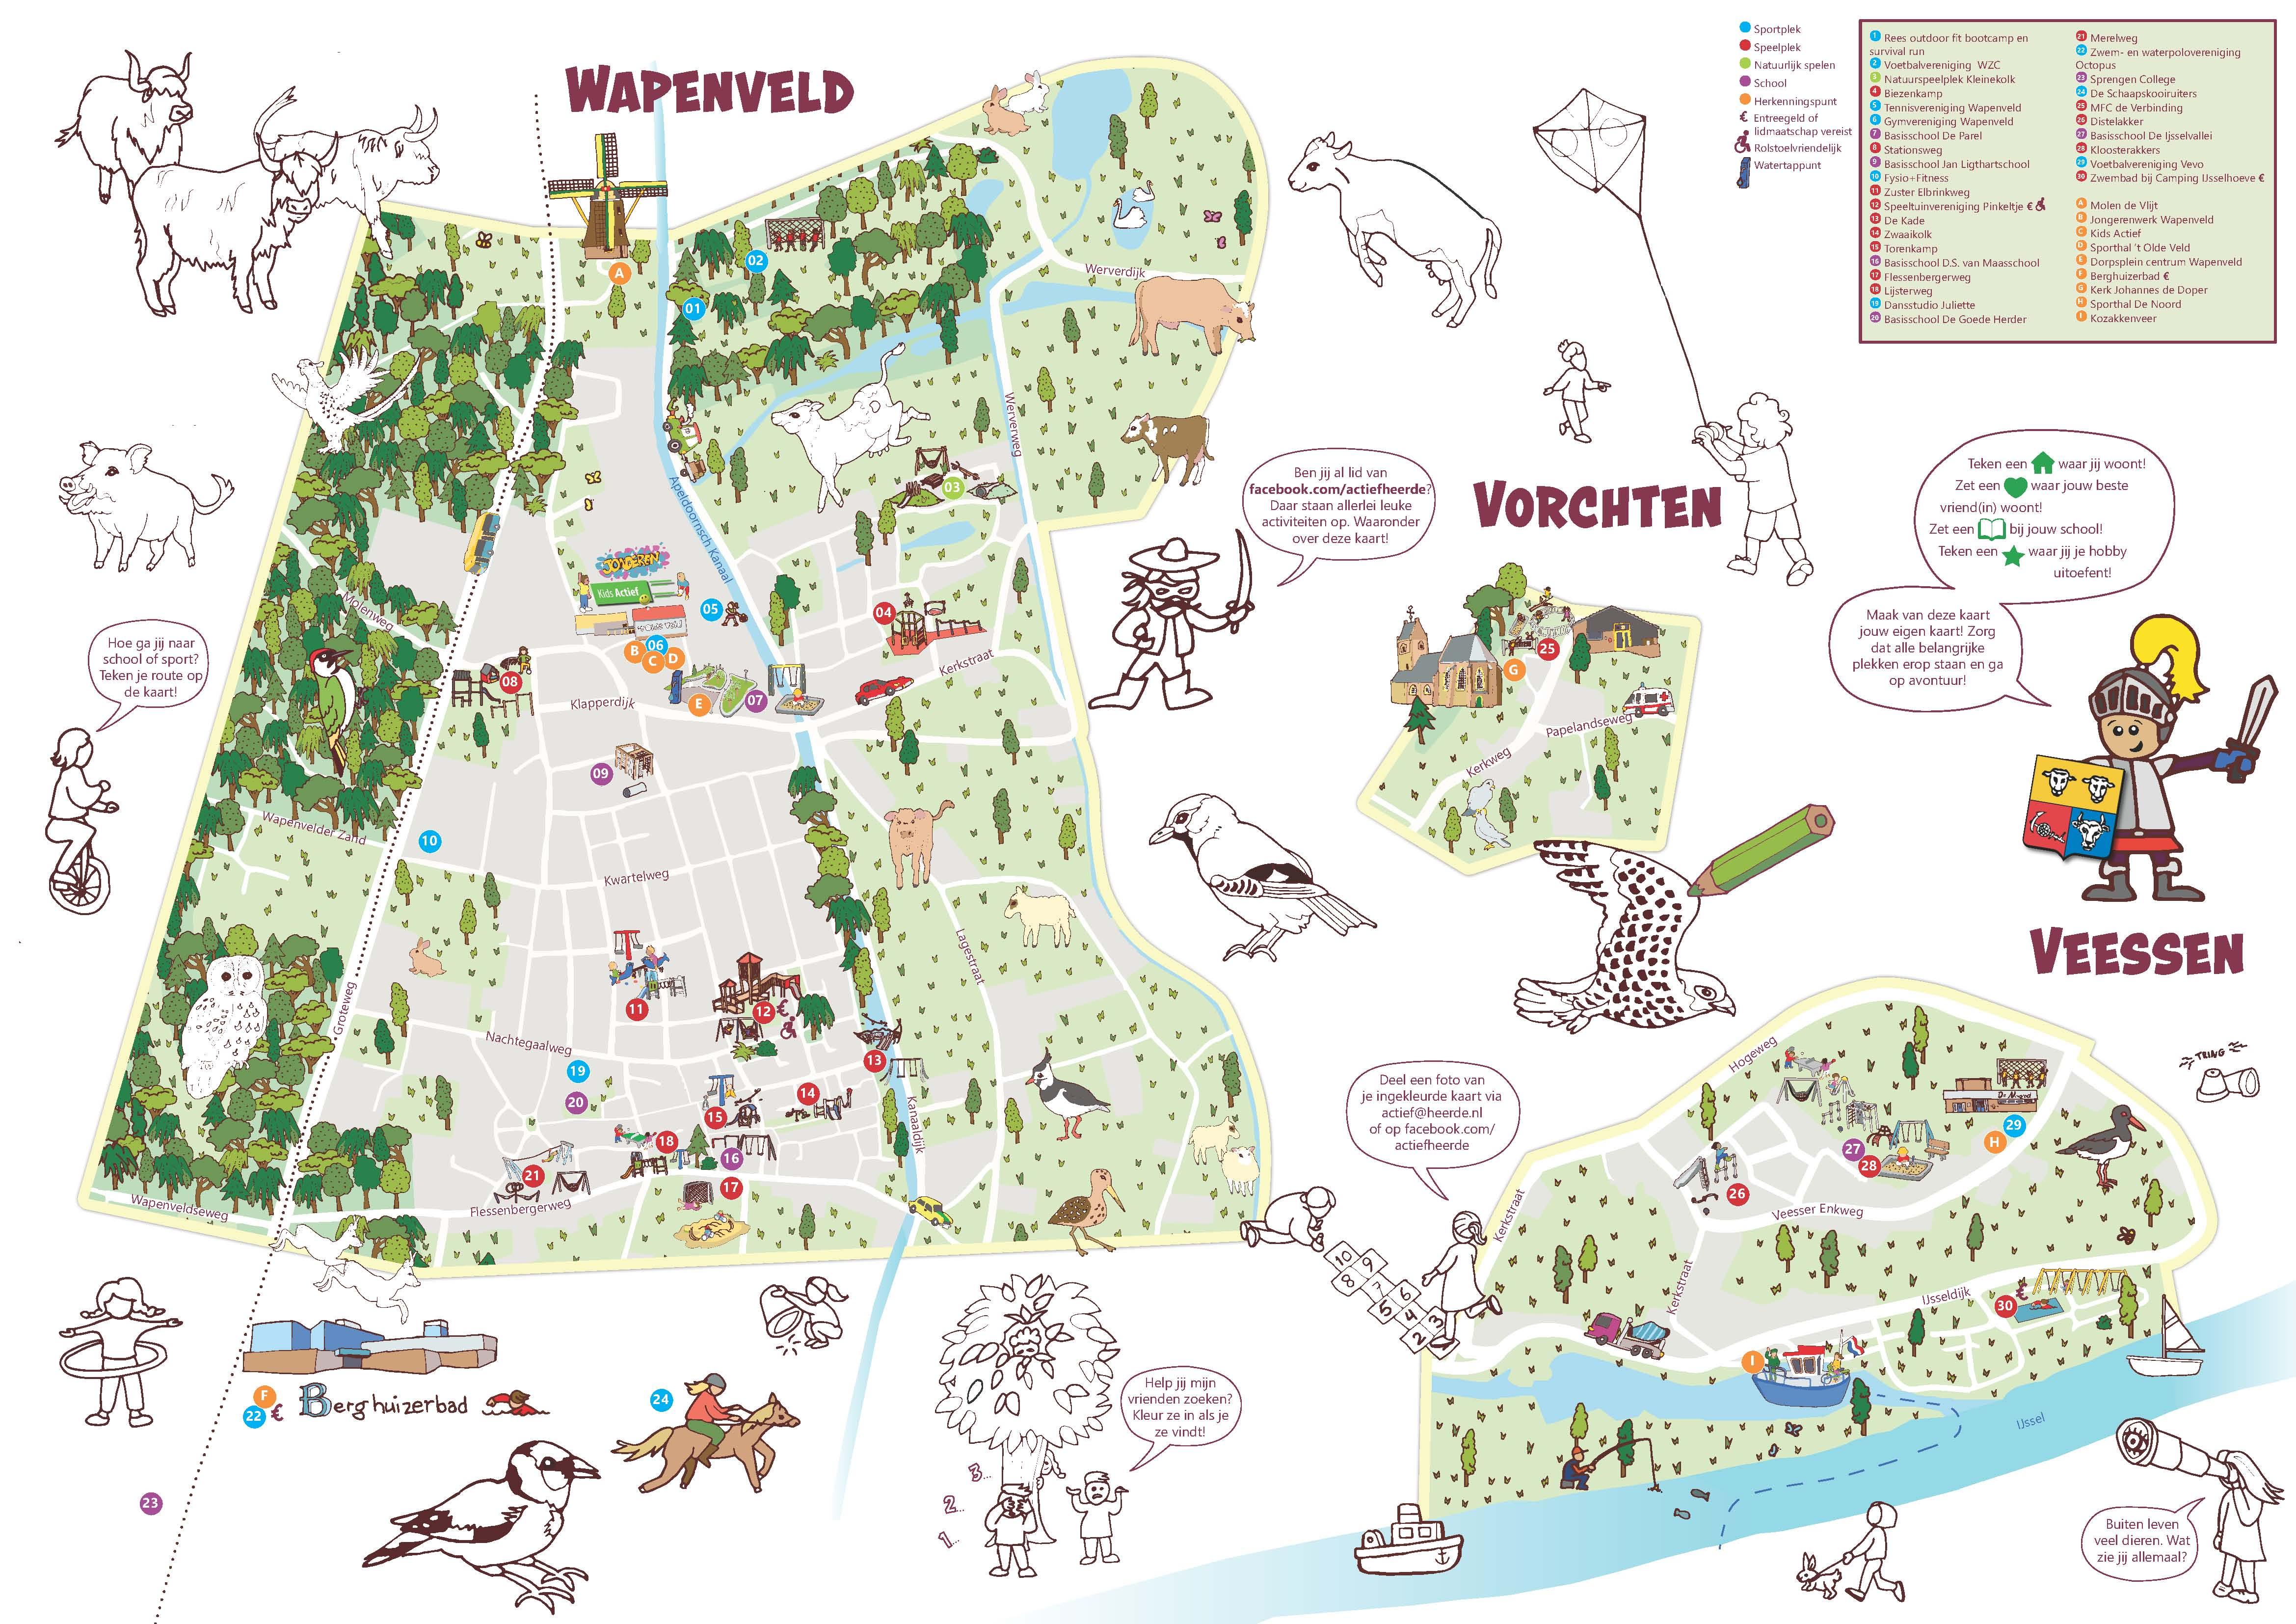 Beweegkaart Wapenveld